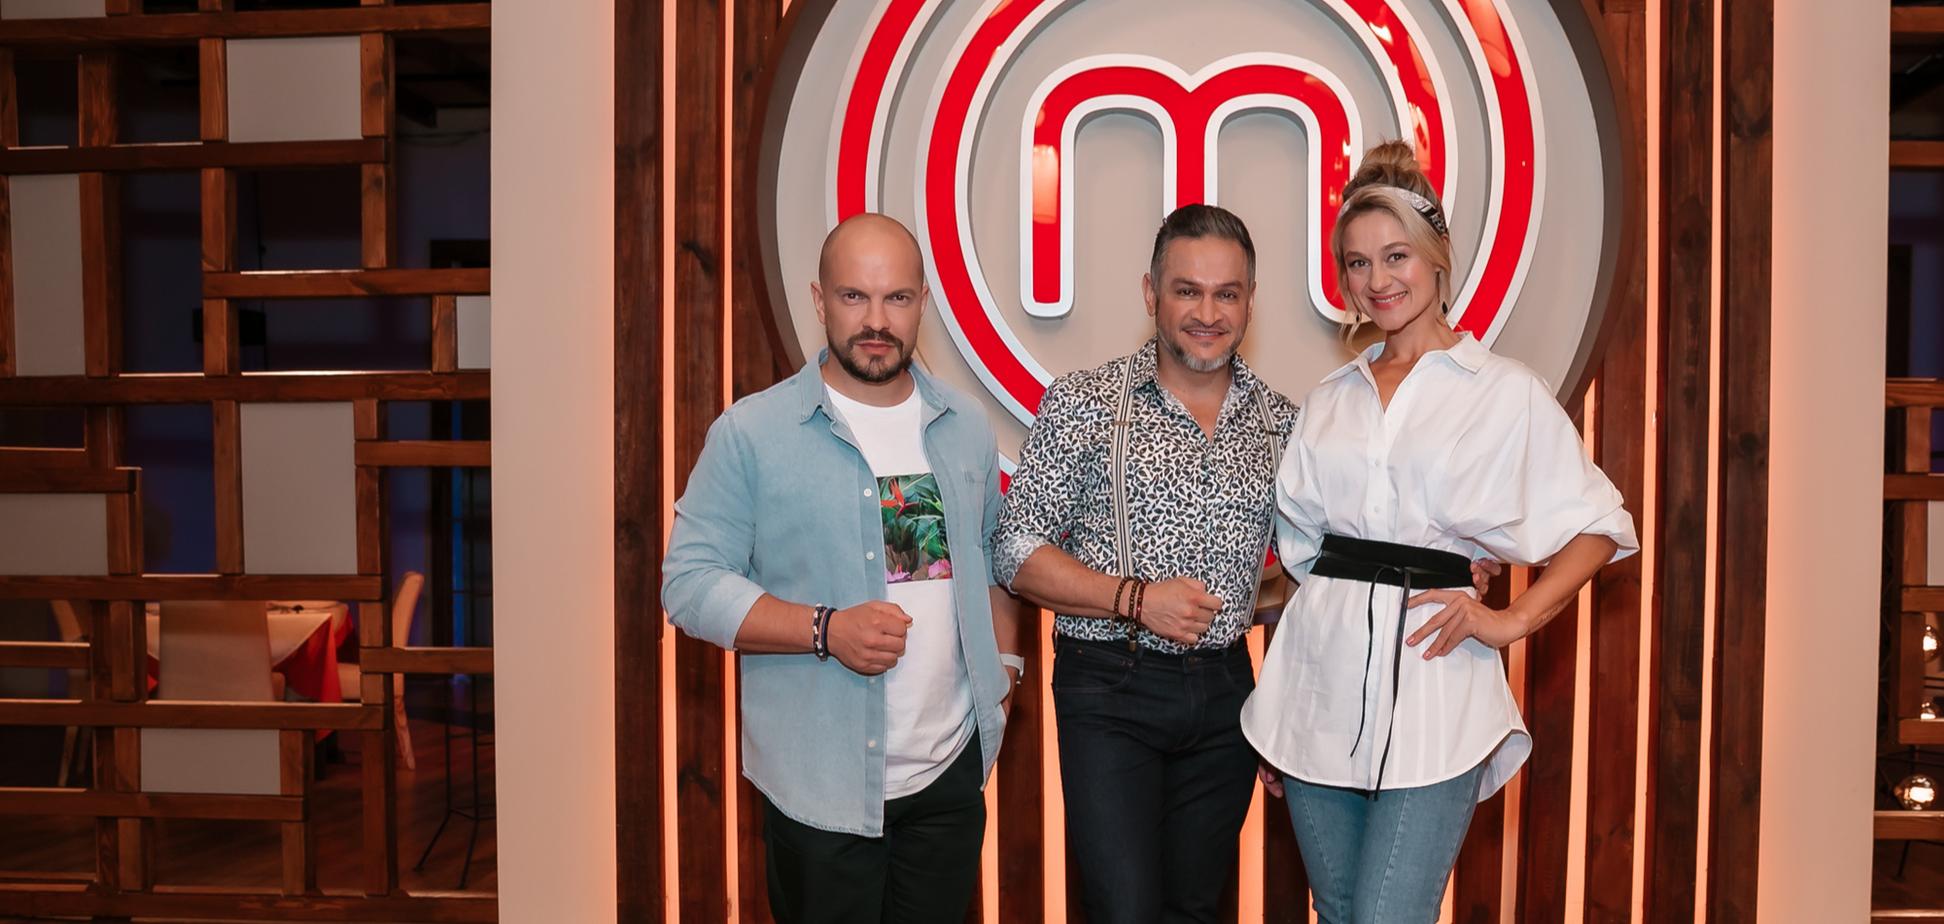 Финал шоу 'МастерШеф' 10: названо имя победителя проекта